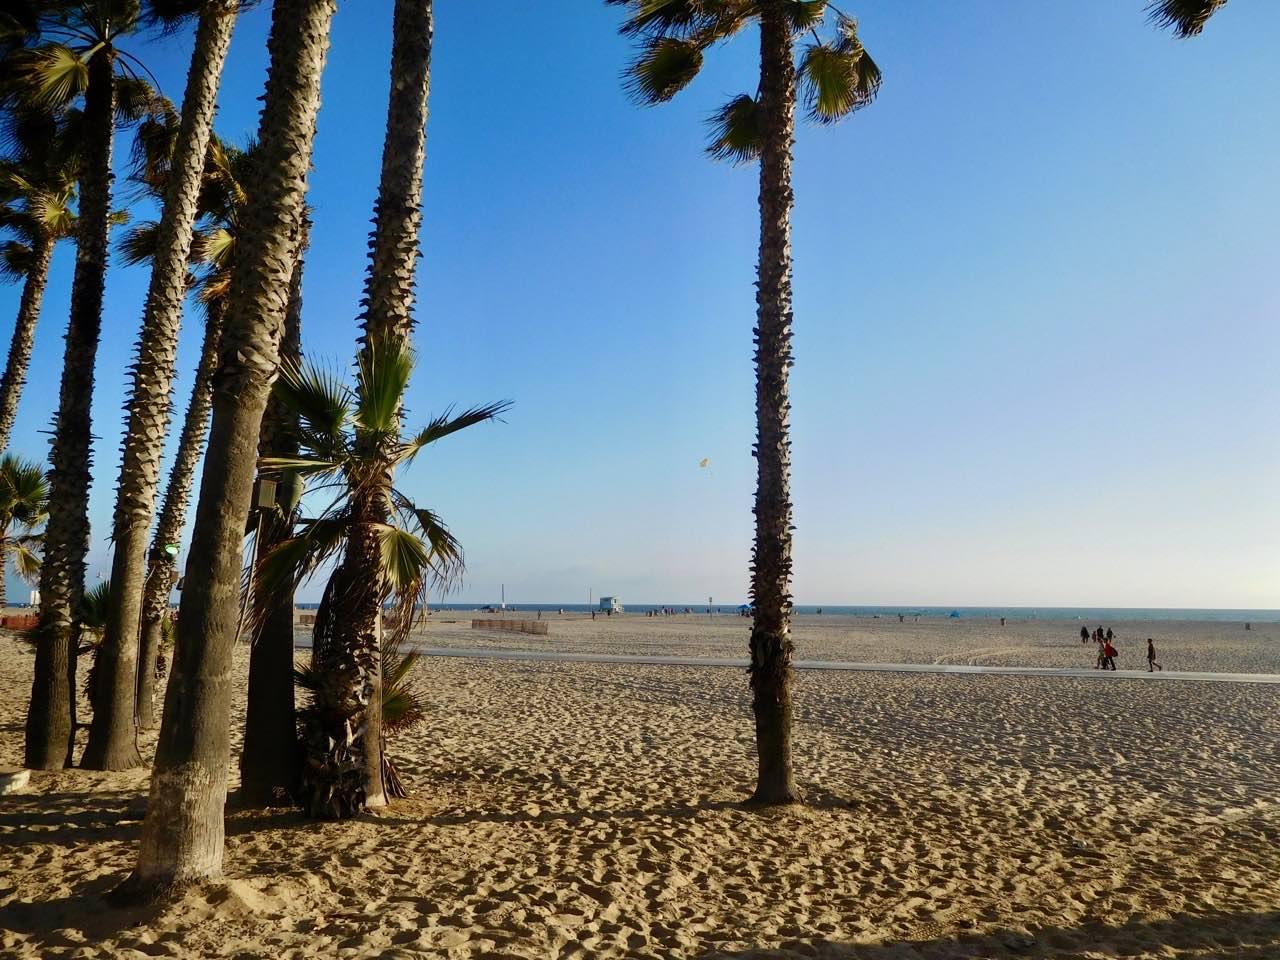 3 Days in L.A. - Venice Beach (1)